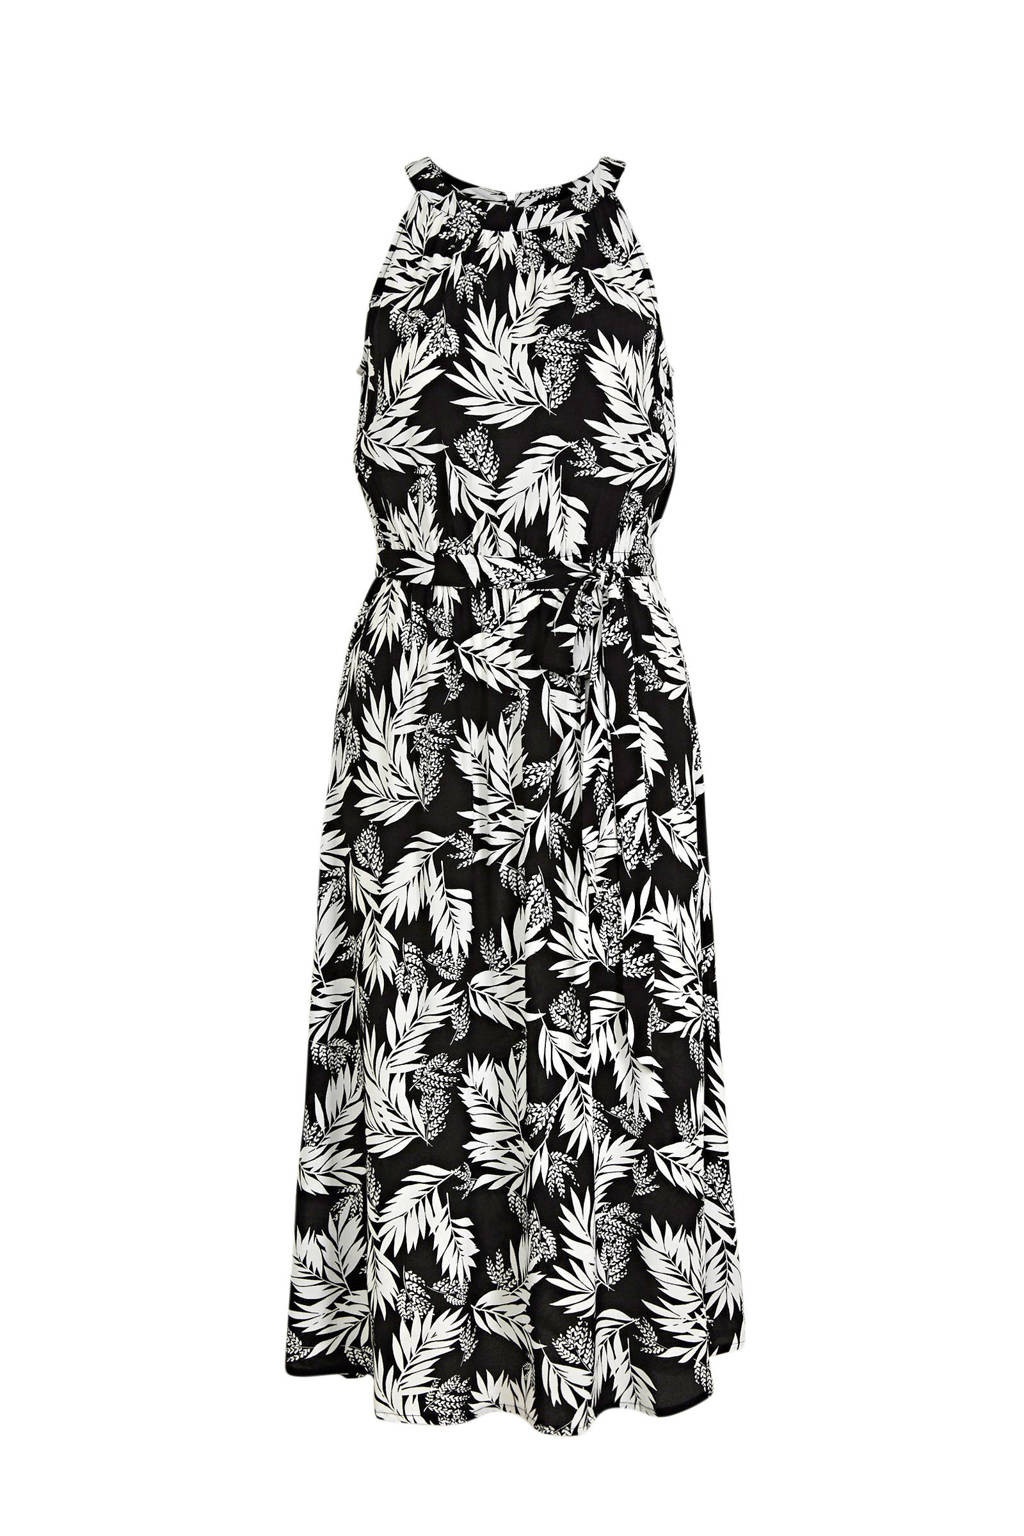 C&A Yessica halter jurk met all over print en plooien zwart/wit, Zwart/wit